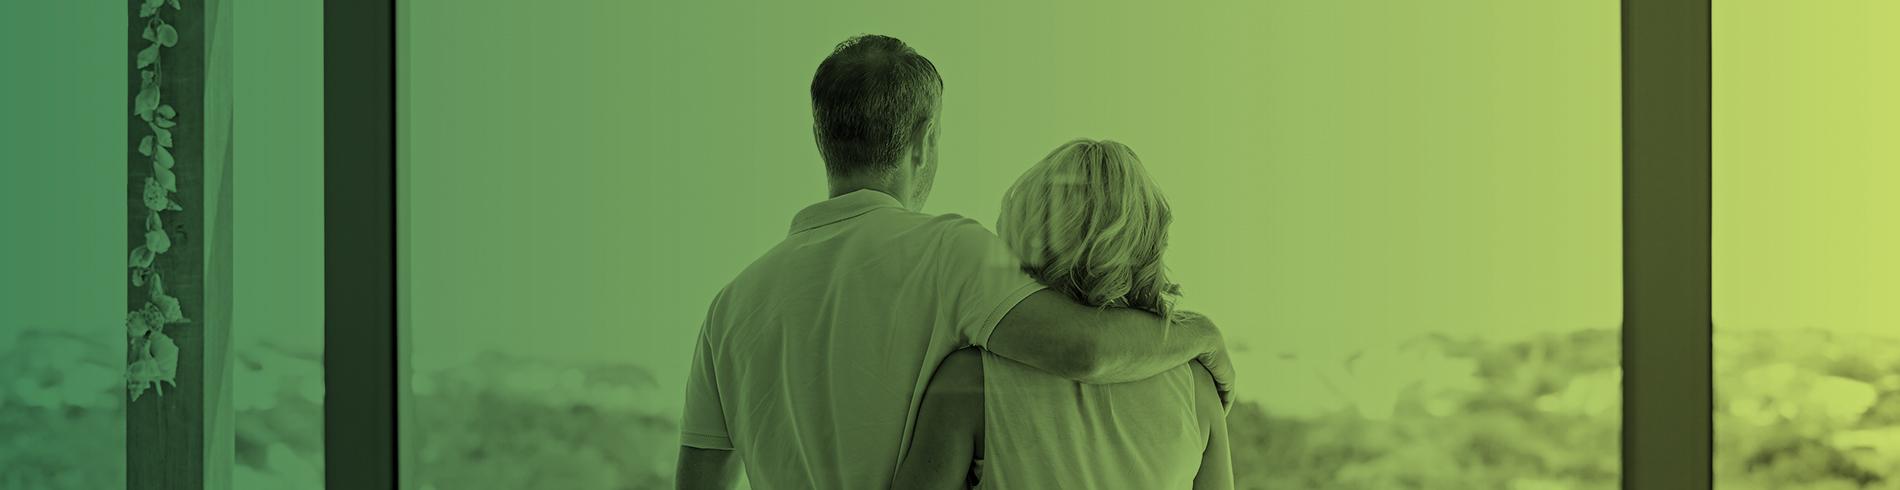 Pla de pensions individual